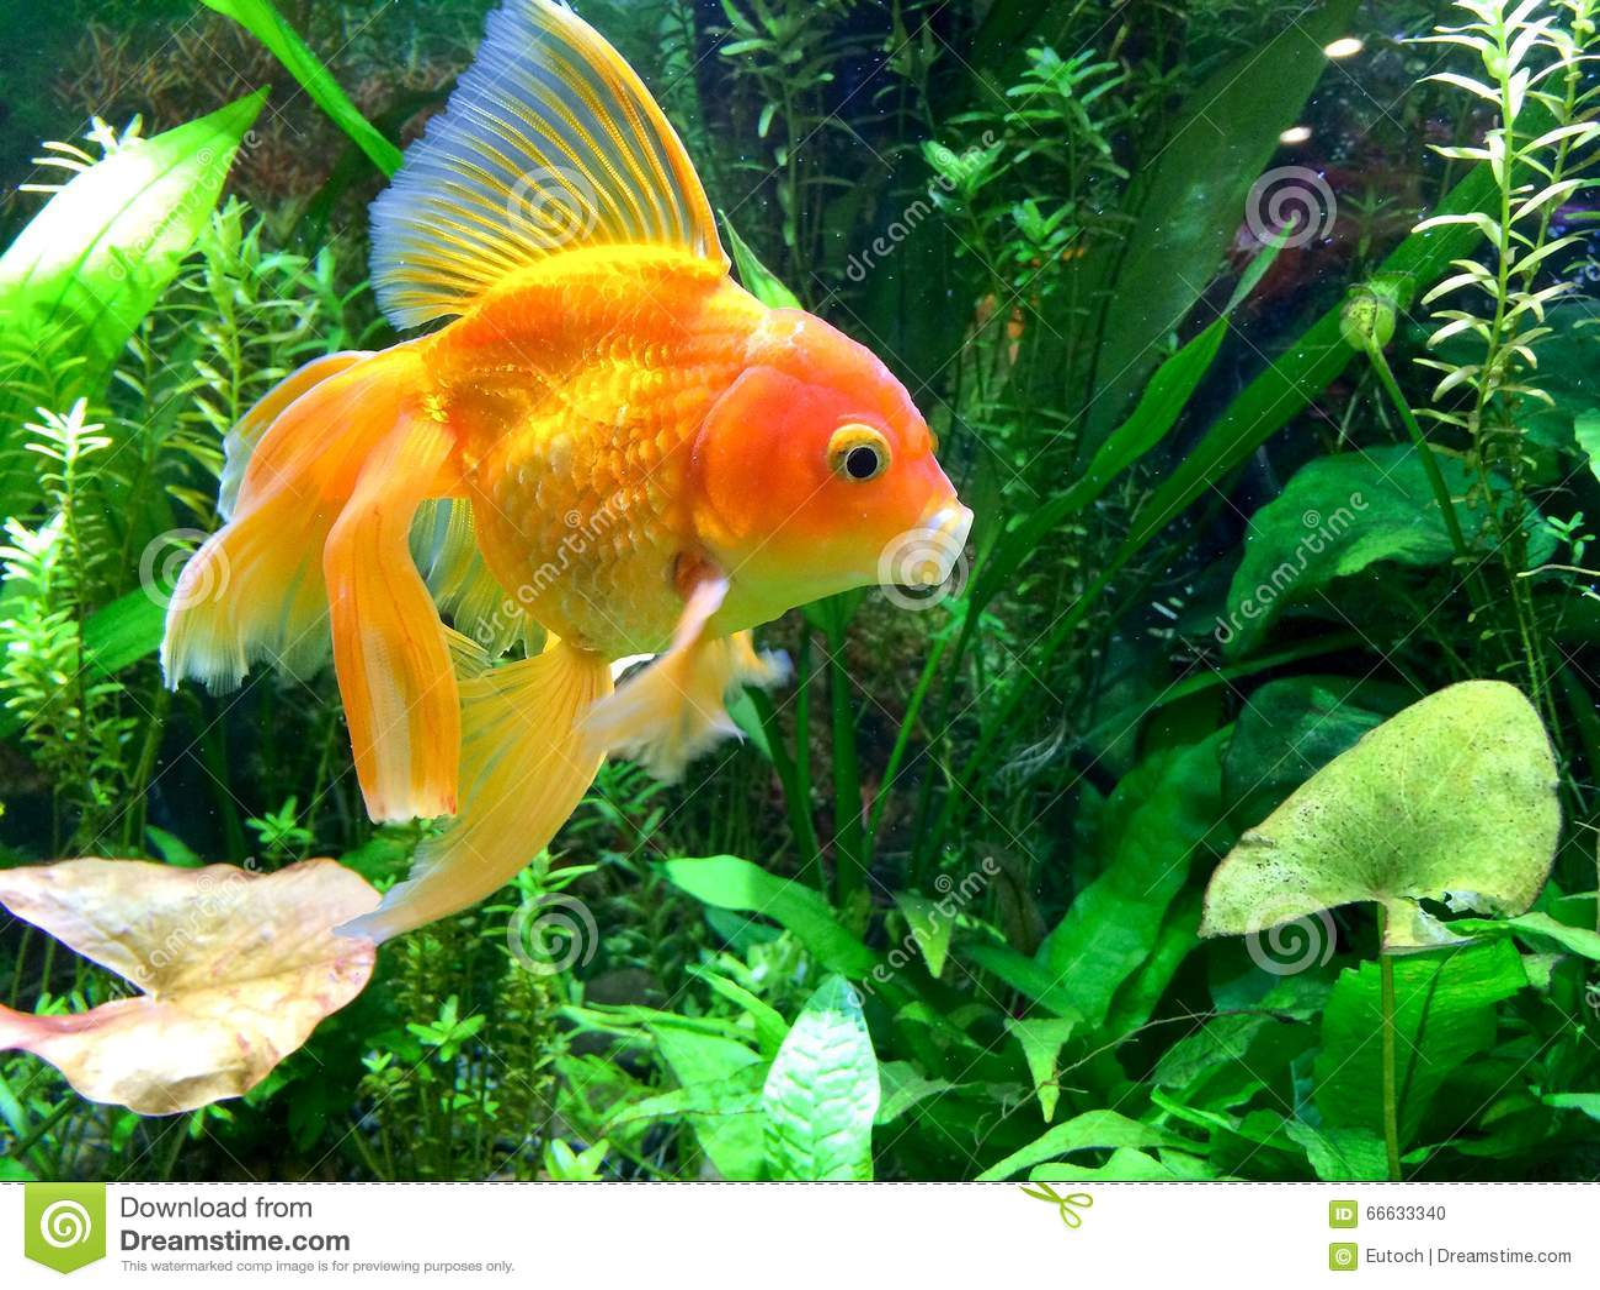 Aquarium g hnende goldfische stockfoto bild 66633340 for Koi mit goldfischen